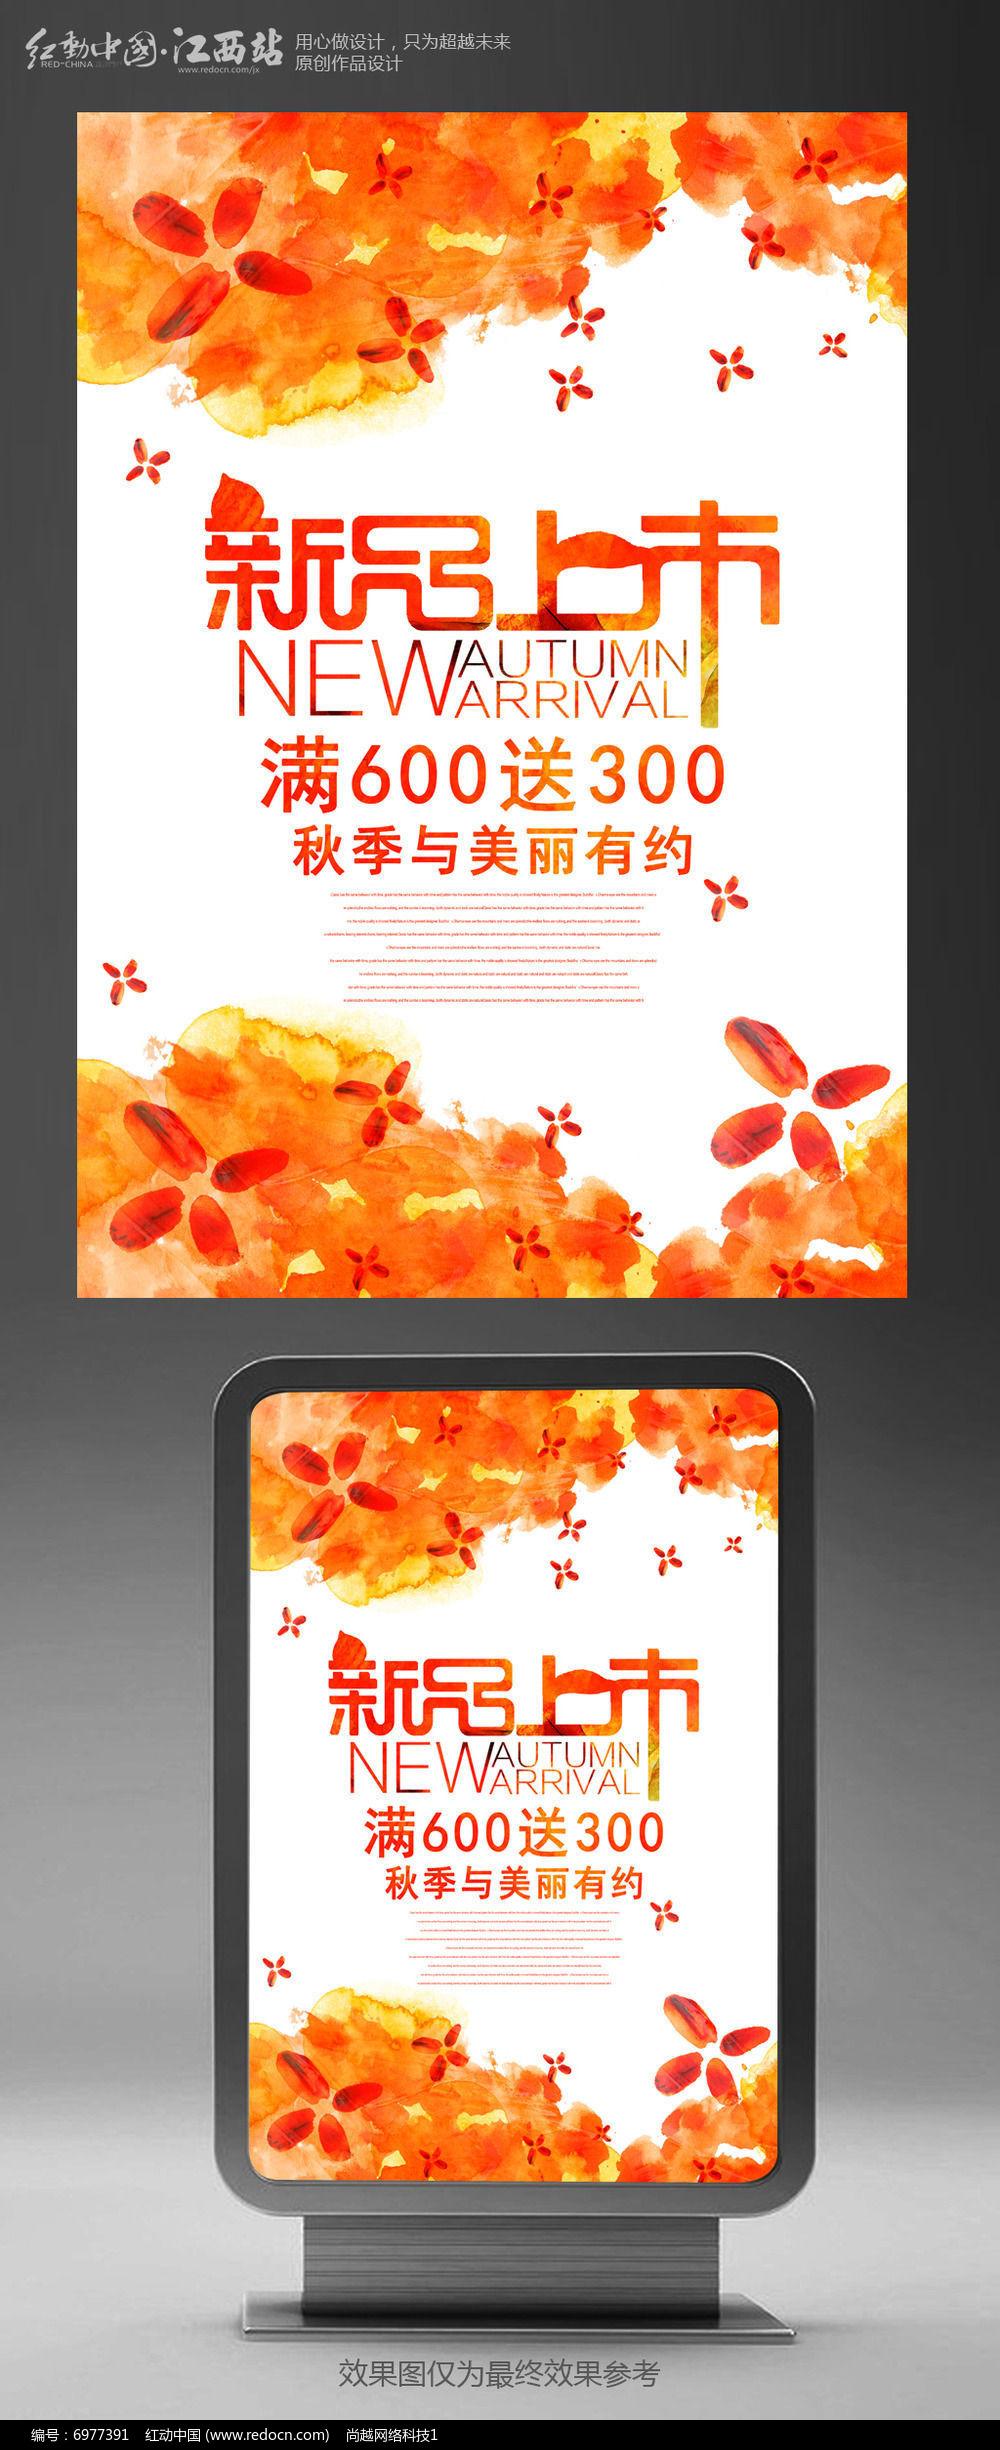 简约新品上市秋季促销主题海报设计